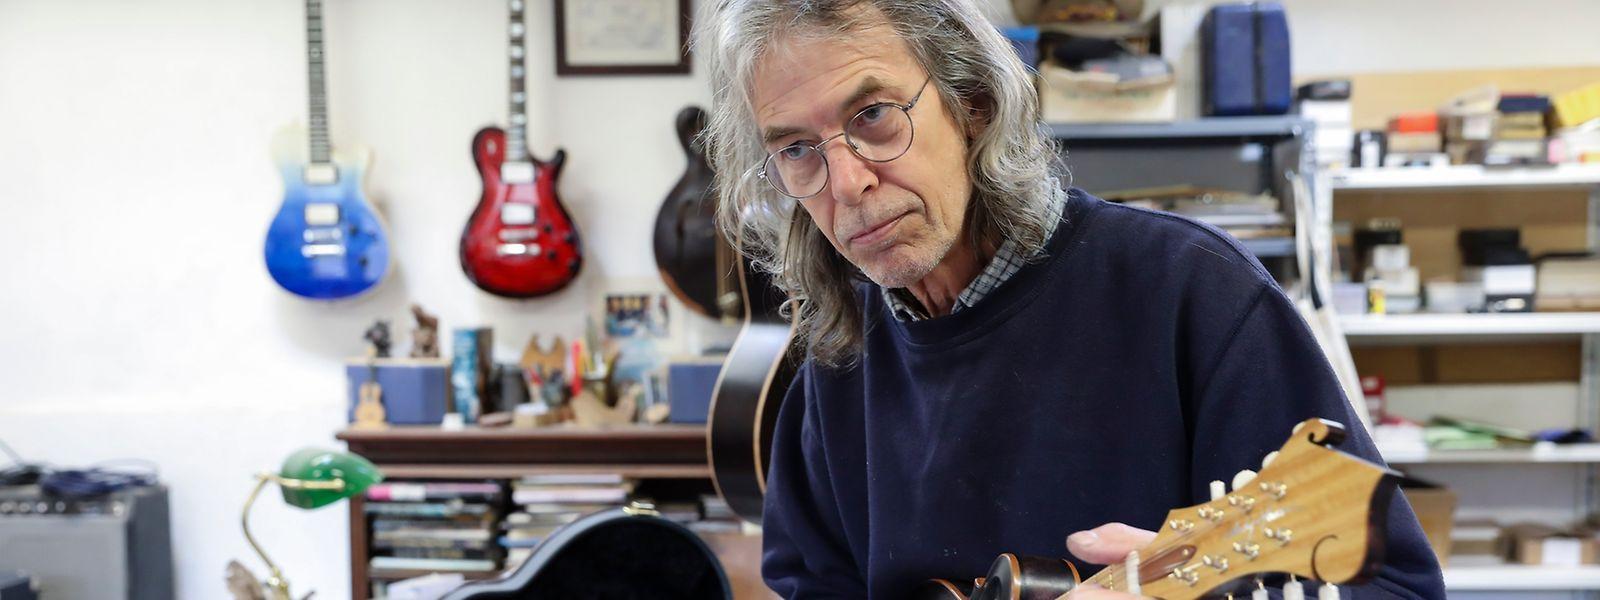 O inglês Andy Manson que vive em Mortágua há seis anos e que construiu guitarras para os Led Zeppelin, Queens of The Stone Age, Jethro Tull, trocou Inglaterra por Portugal e agora fabrica guitarras numa pequena aldeia de Mortágua